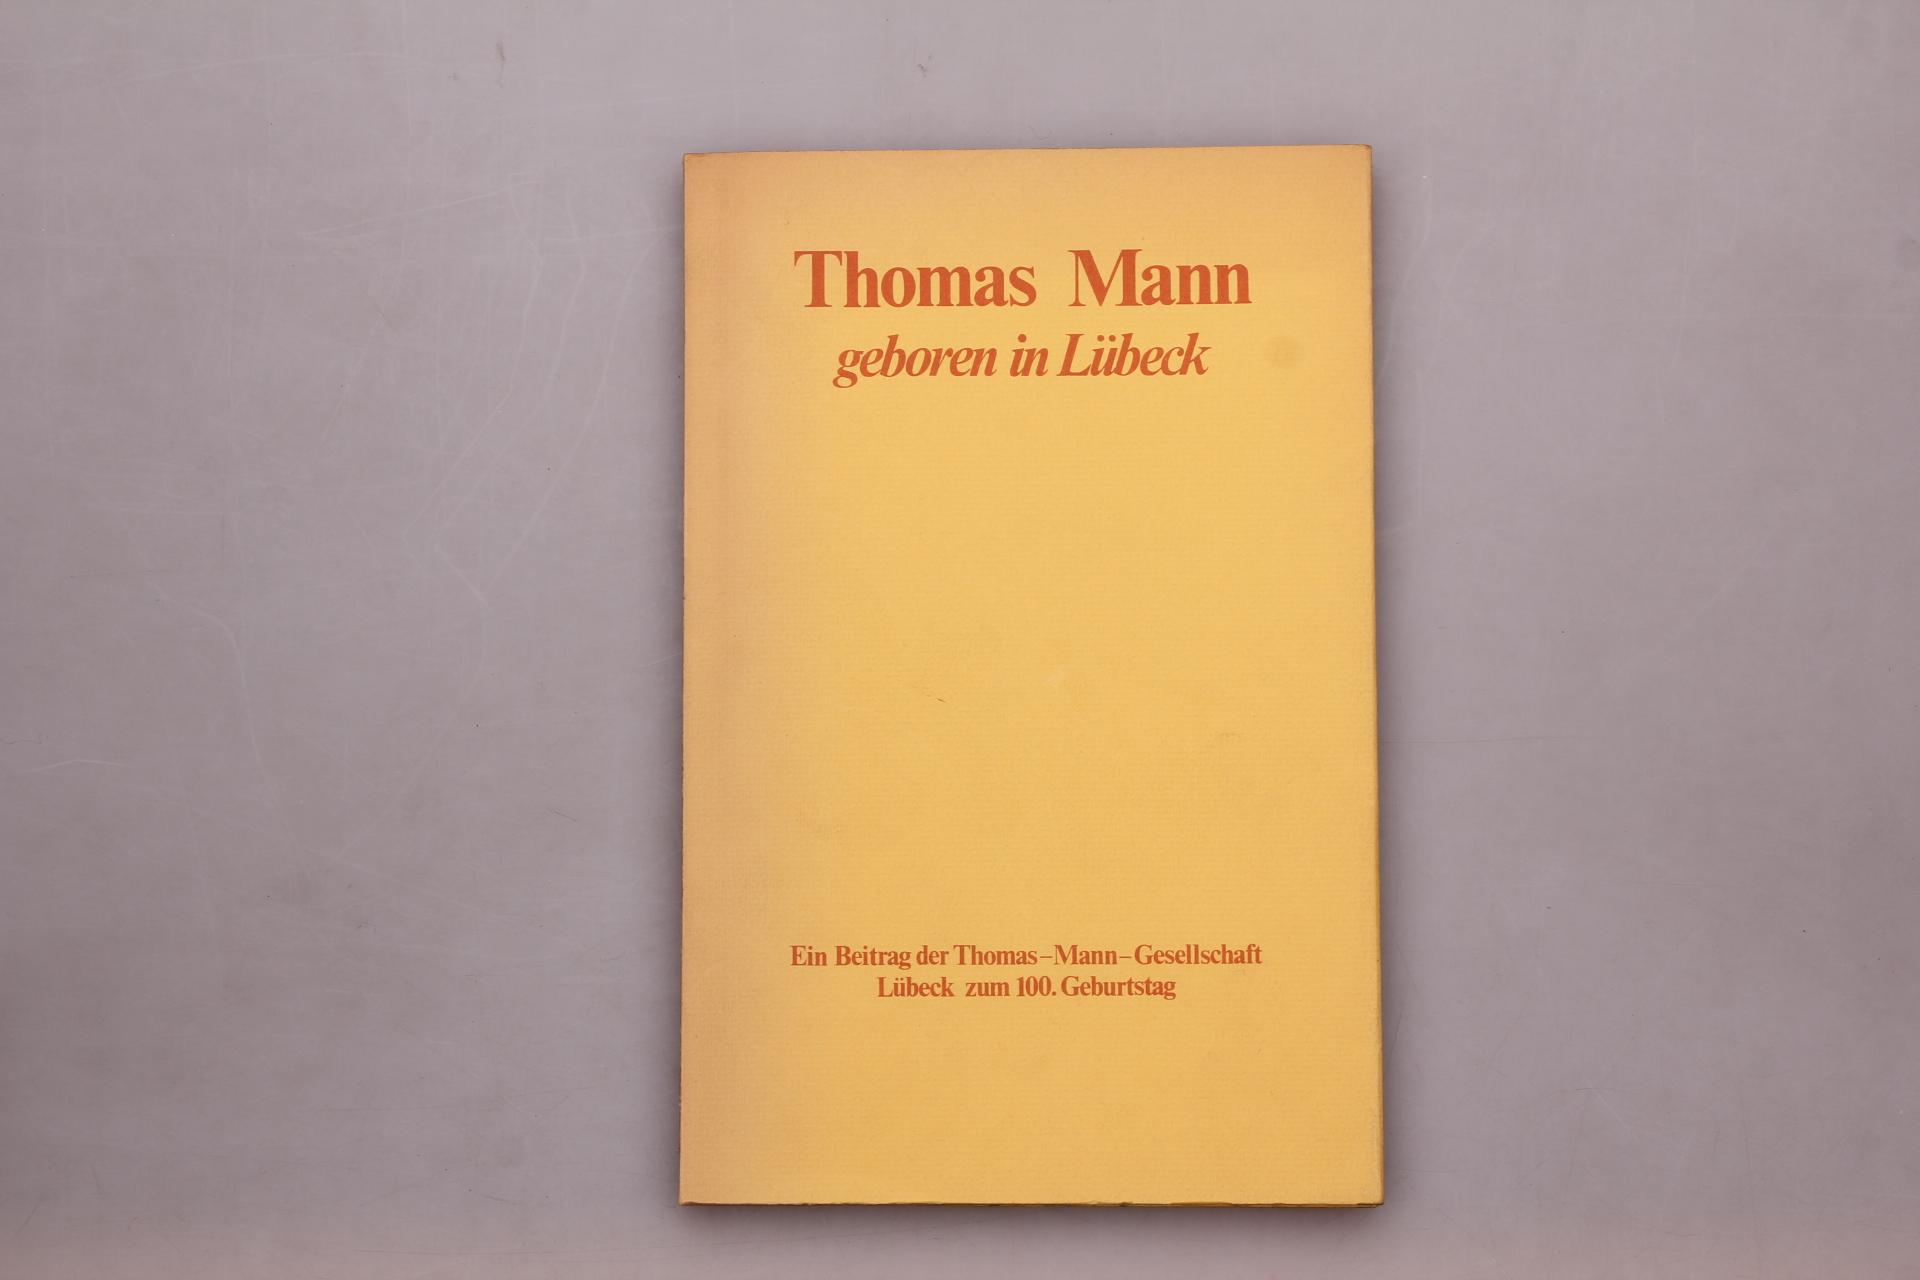 THOMAS MANN, GEBOREN IN LÜBECK